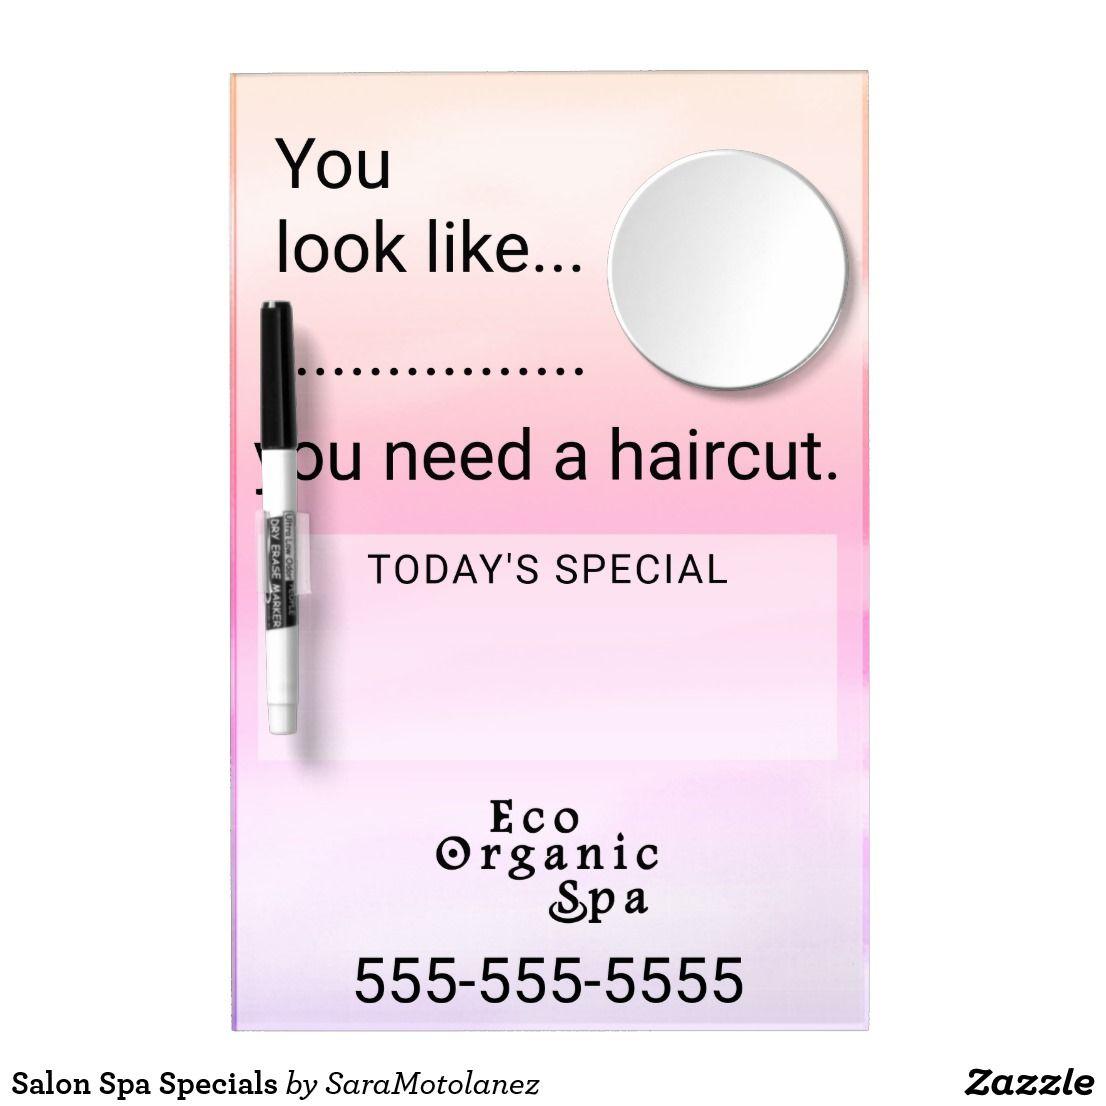 Salon Spa Specials Dry Erase Board With Mirror Spa